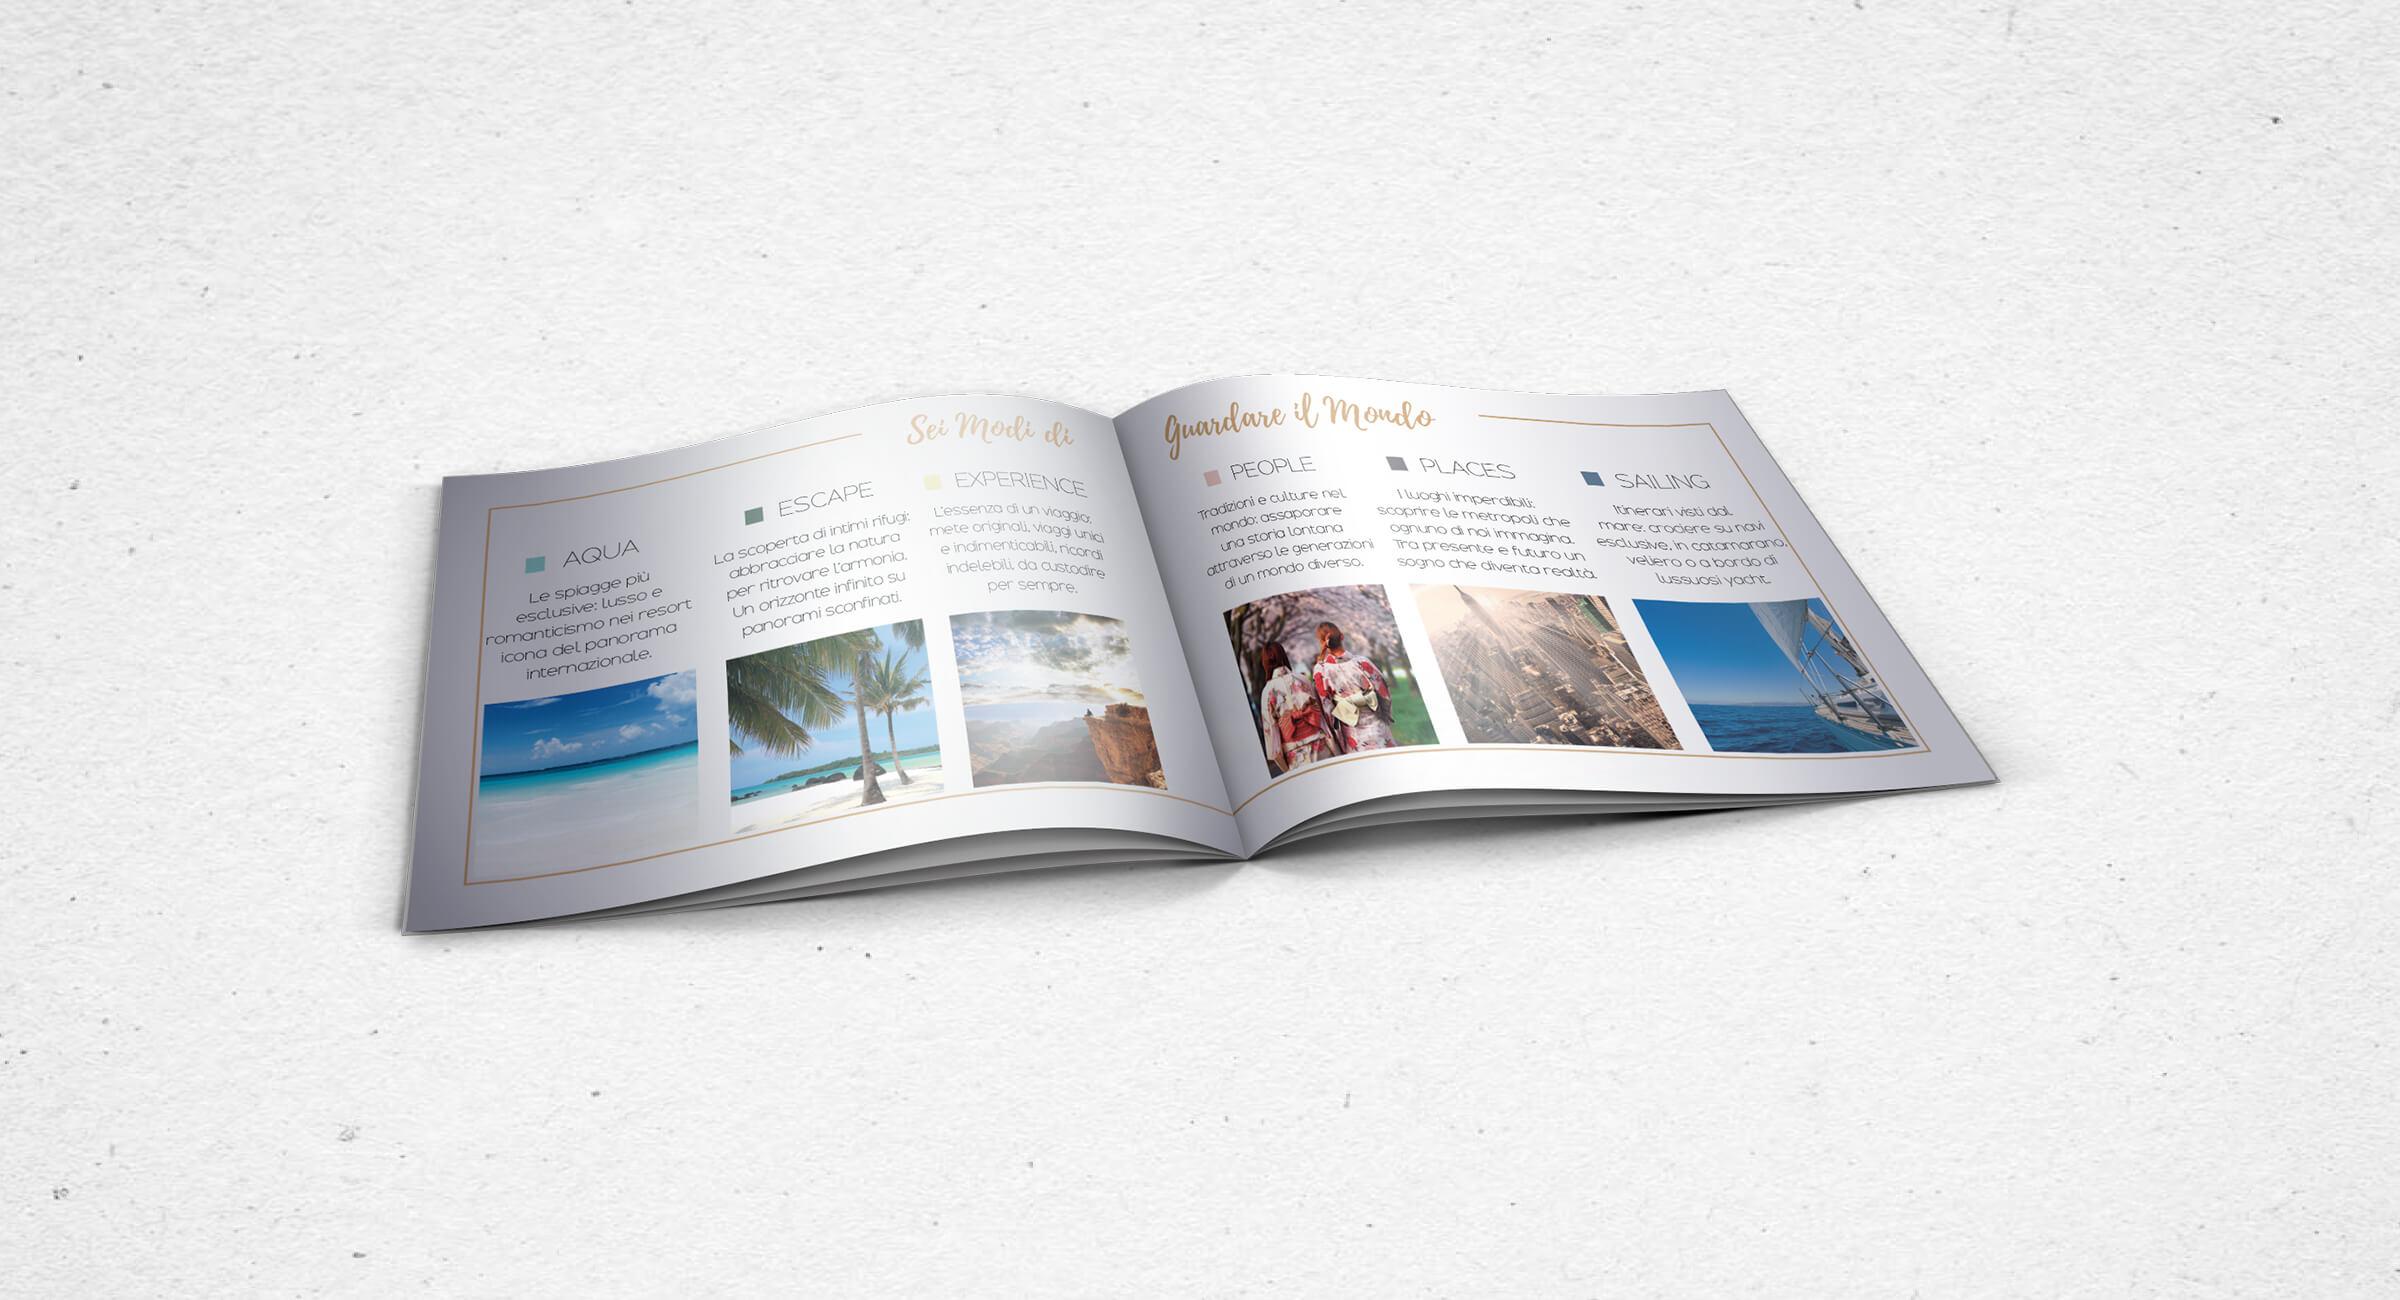 Brochure-Ufficio-dei-Viaggi-pagine-interne-OnOff-Communication